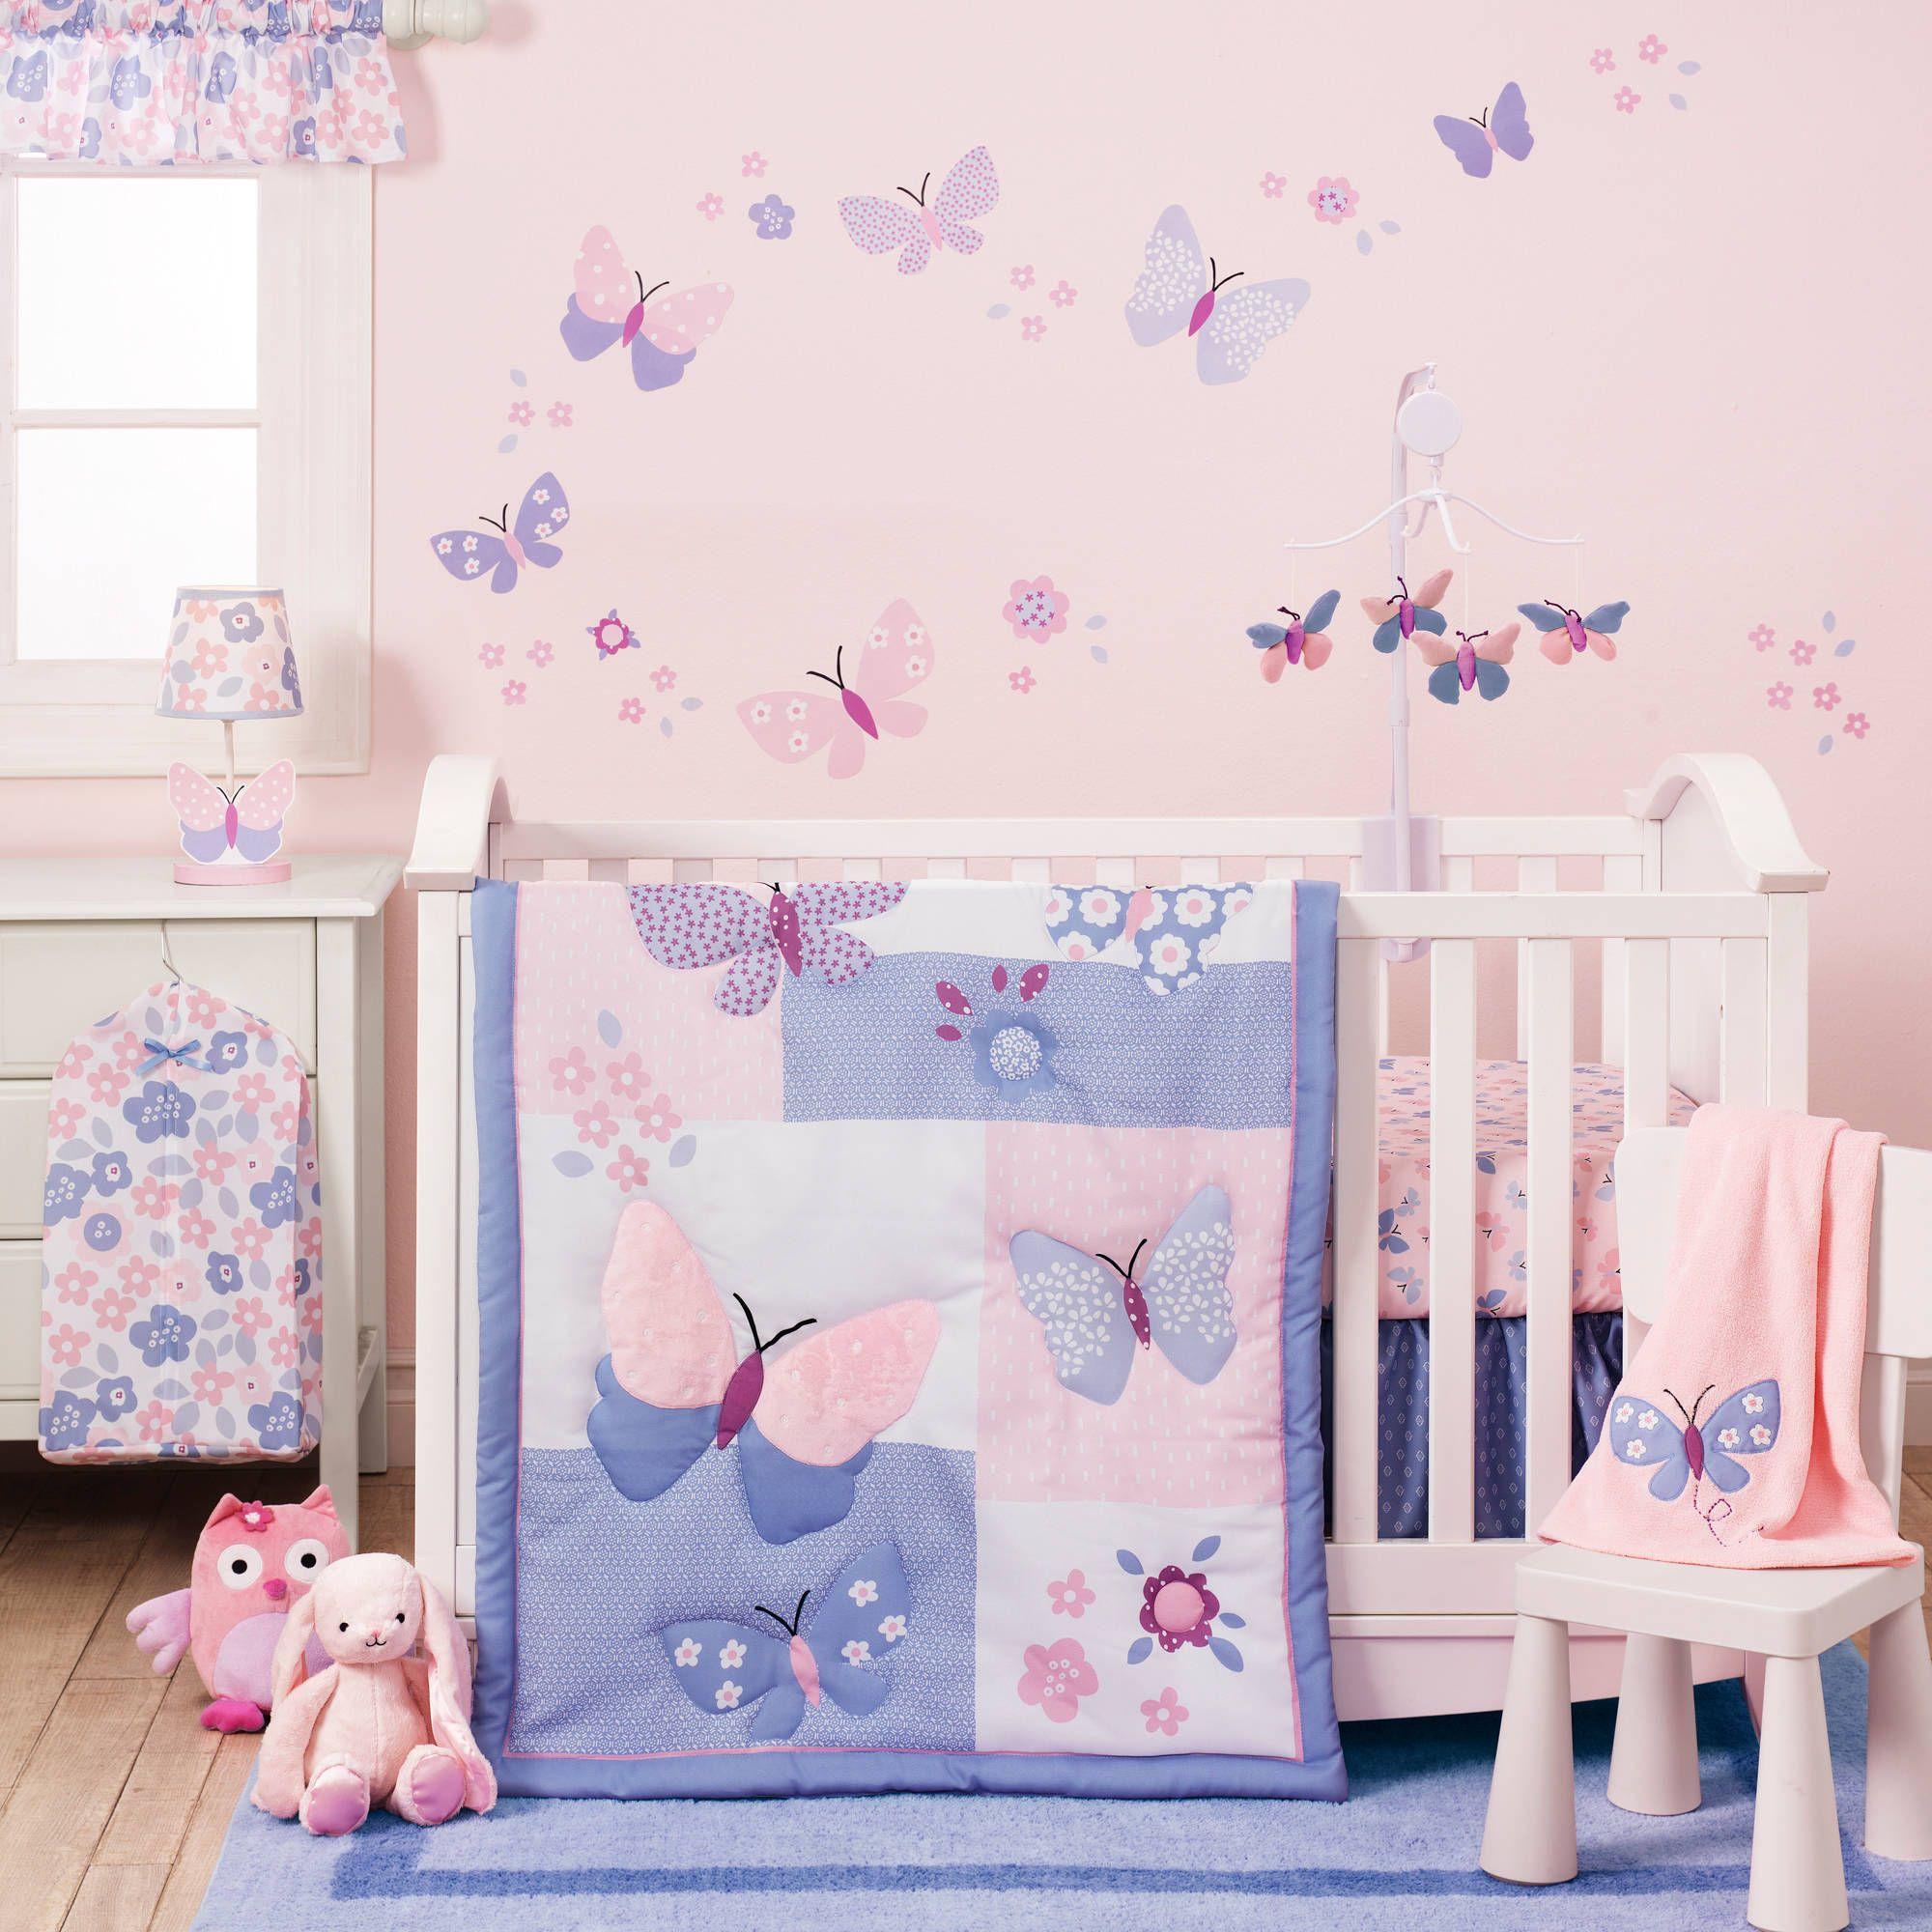 Baby Crib Bedding Girl Butterfly Baby Room Girl Crib Bedding Sets